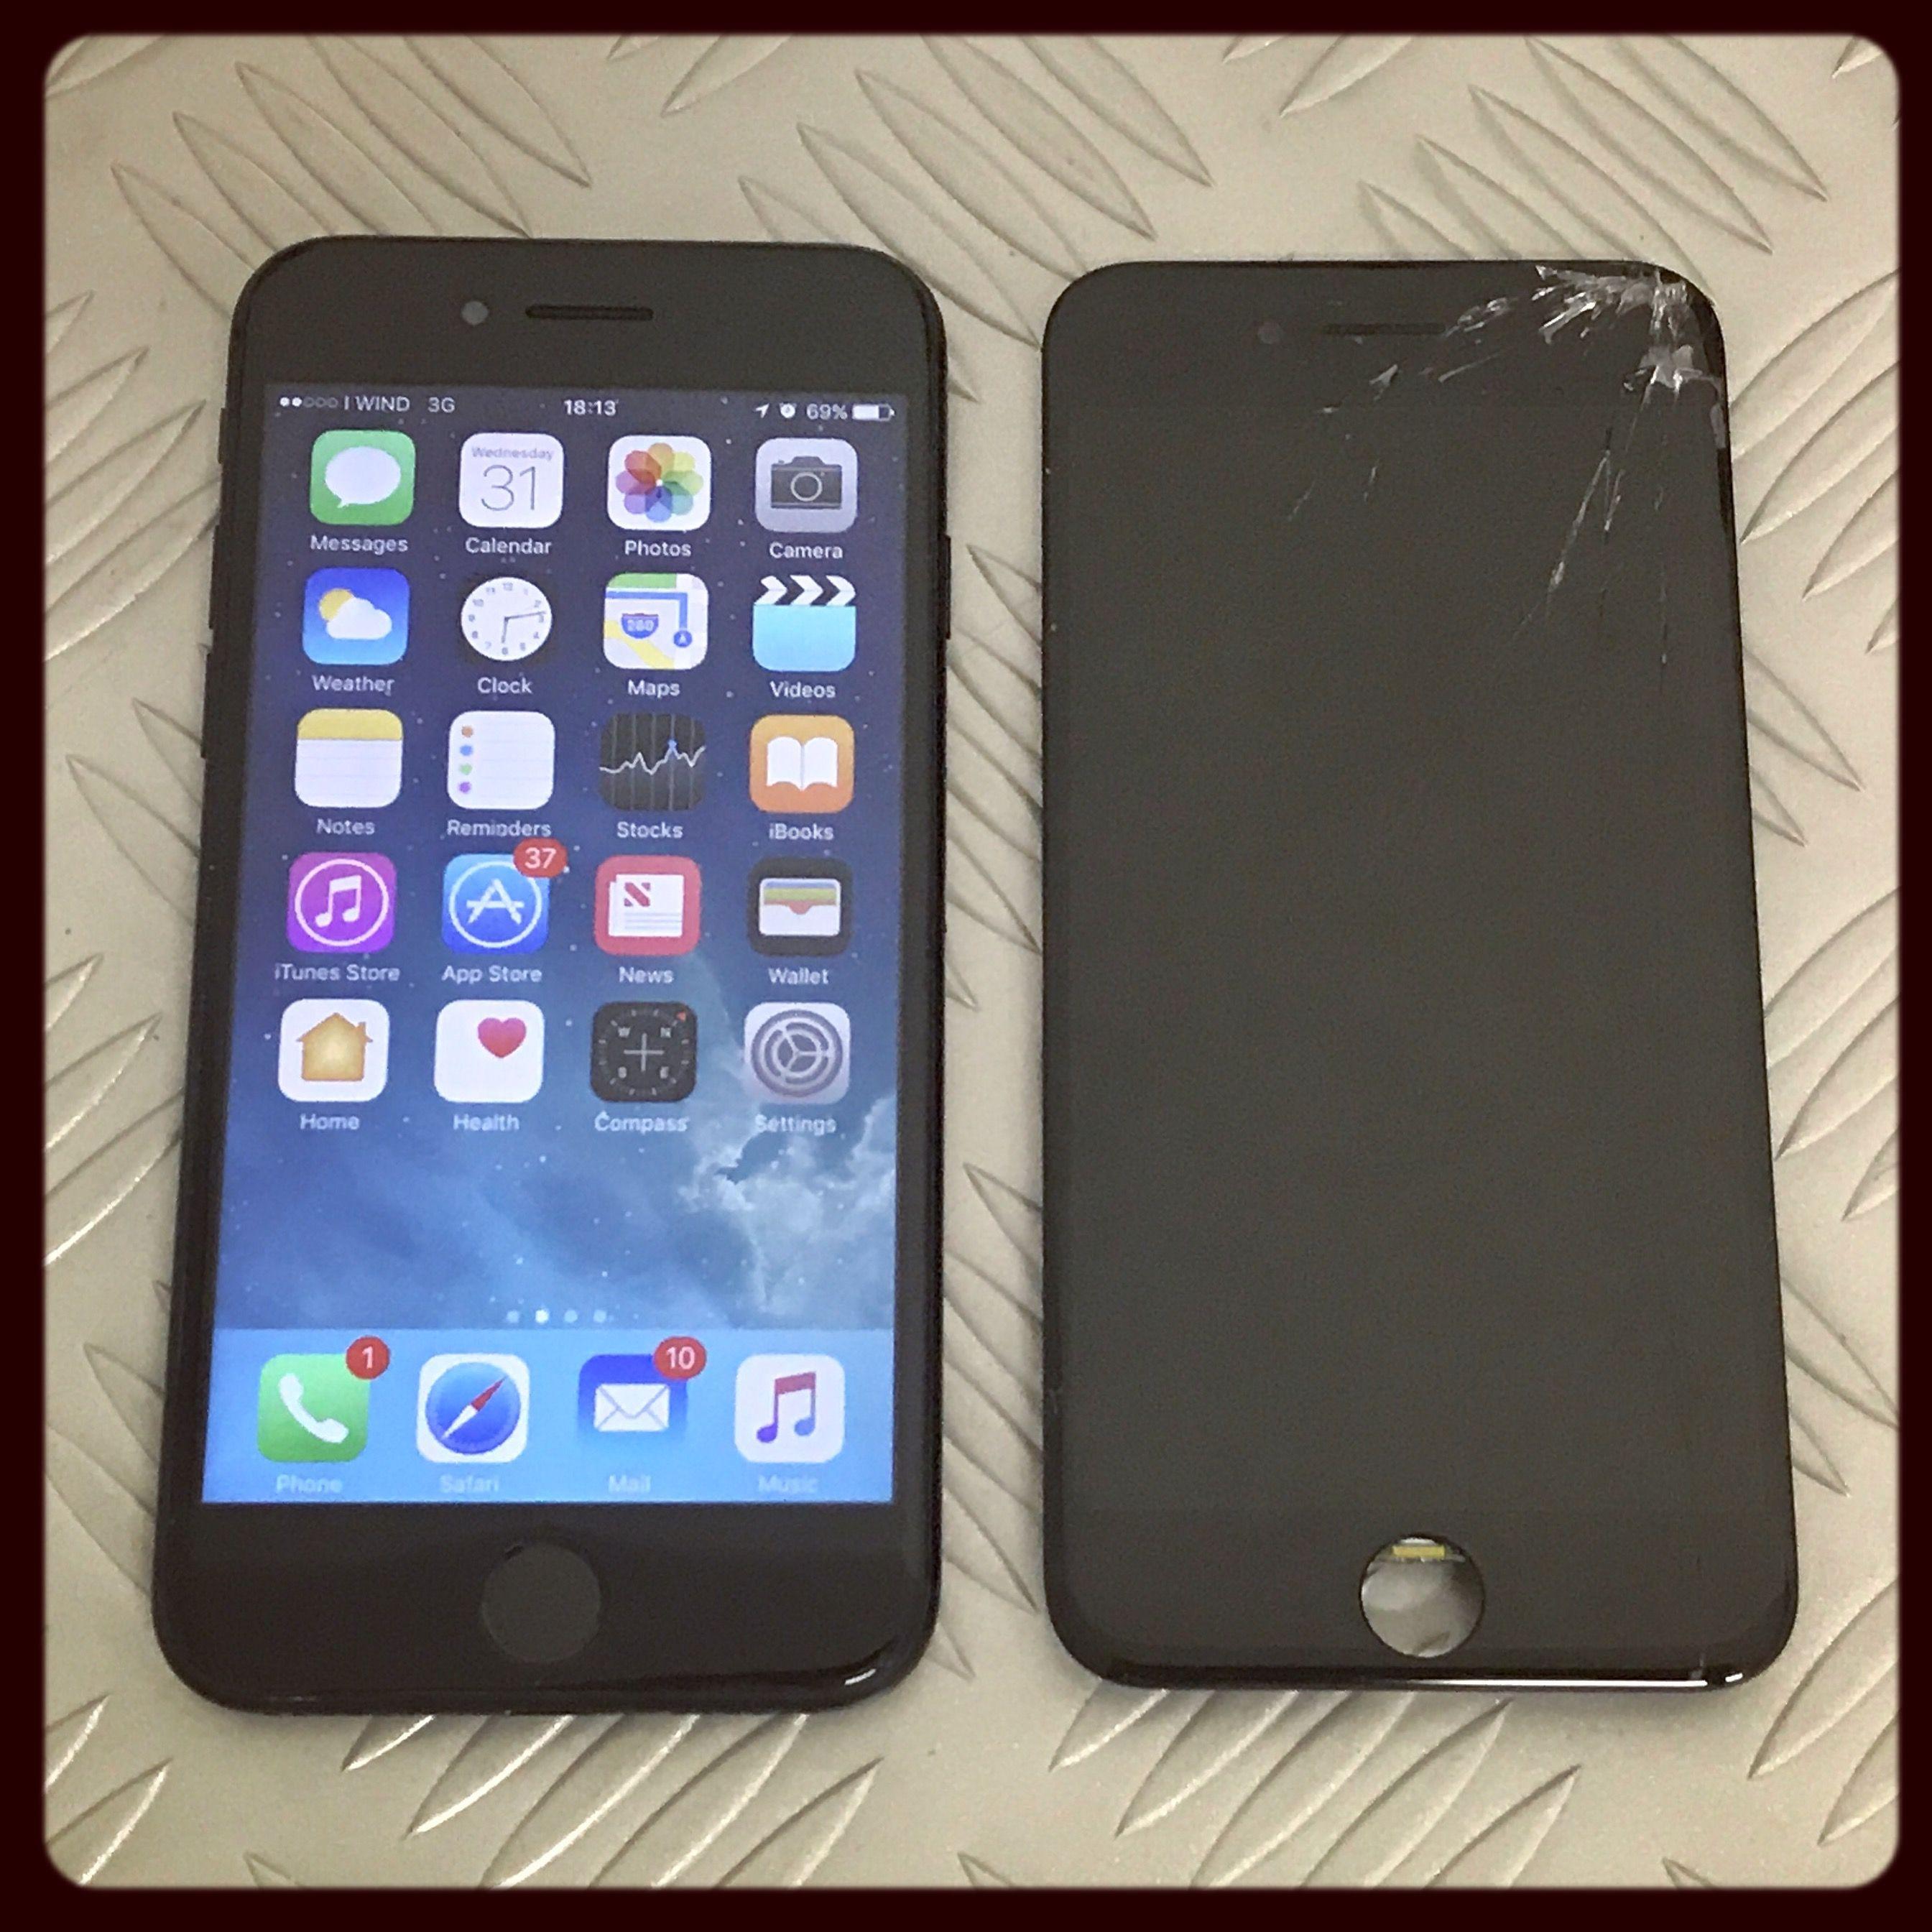 Hai rotto il display del tuo iPhone 7? Il tuo iPhone 6 è caduto in acqua o il tuo iPad Air ha subito un danno accidentale? Grazie ai nostri tecnici professionali qualificati e di comprovata esperienza, qualsiasi problema abbia il tuo dispositivo  Apple, noi possiamo ripararlo subito! 📱💻🛠  Master Lab Repair® Viale Foggia 21 Carovigno, (Br) Tel. 0831-1593955 Tel. 329-5896614  www.masterlabrepair.it